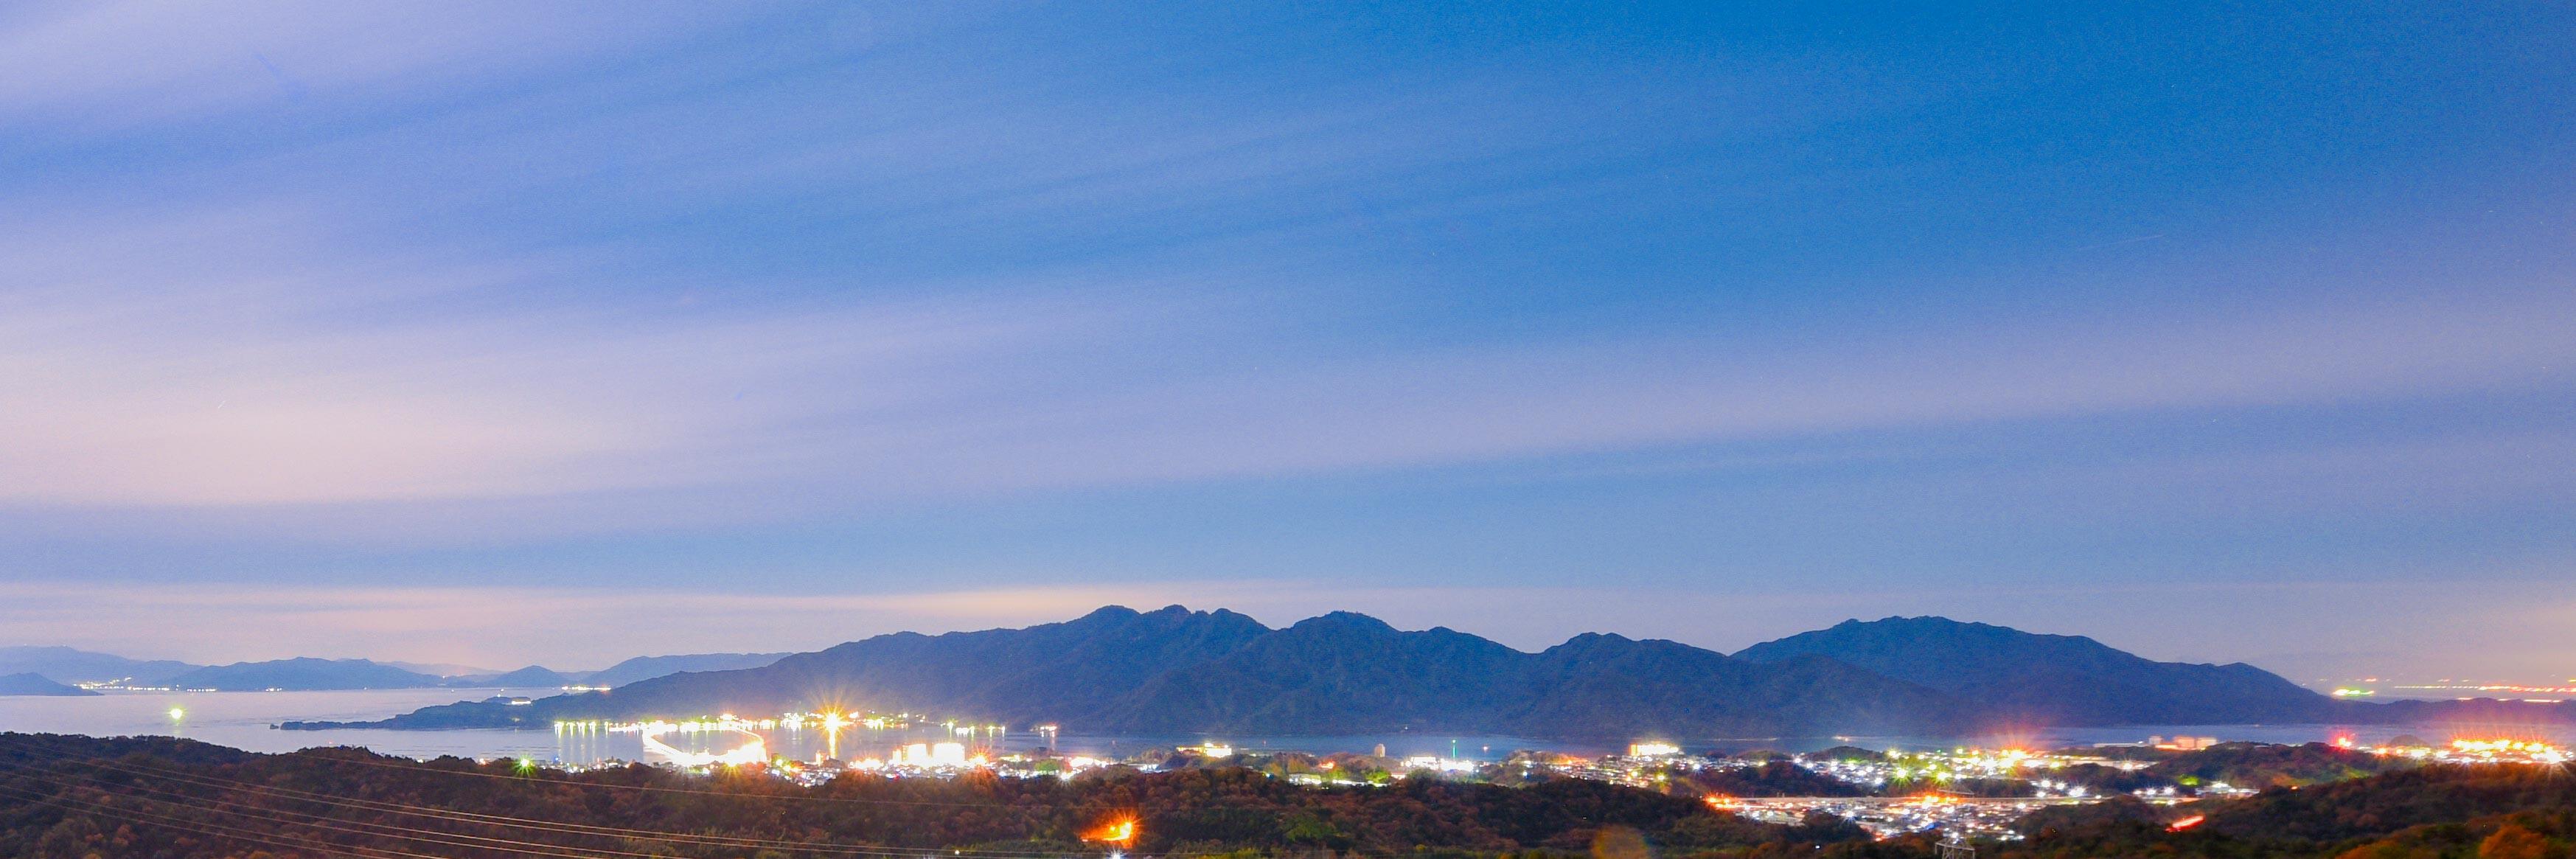 20171205月光に浮かぶ宮島(夜)